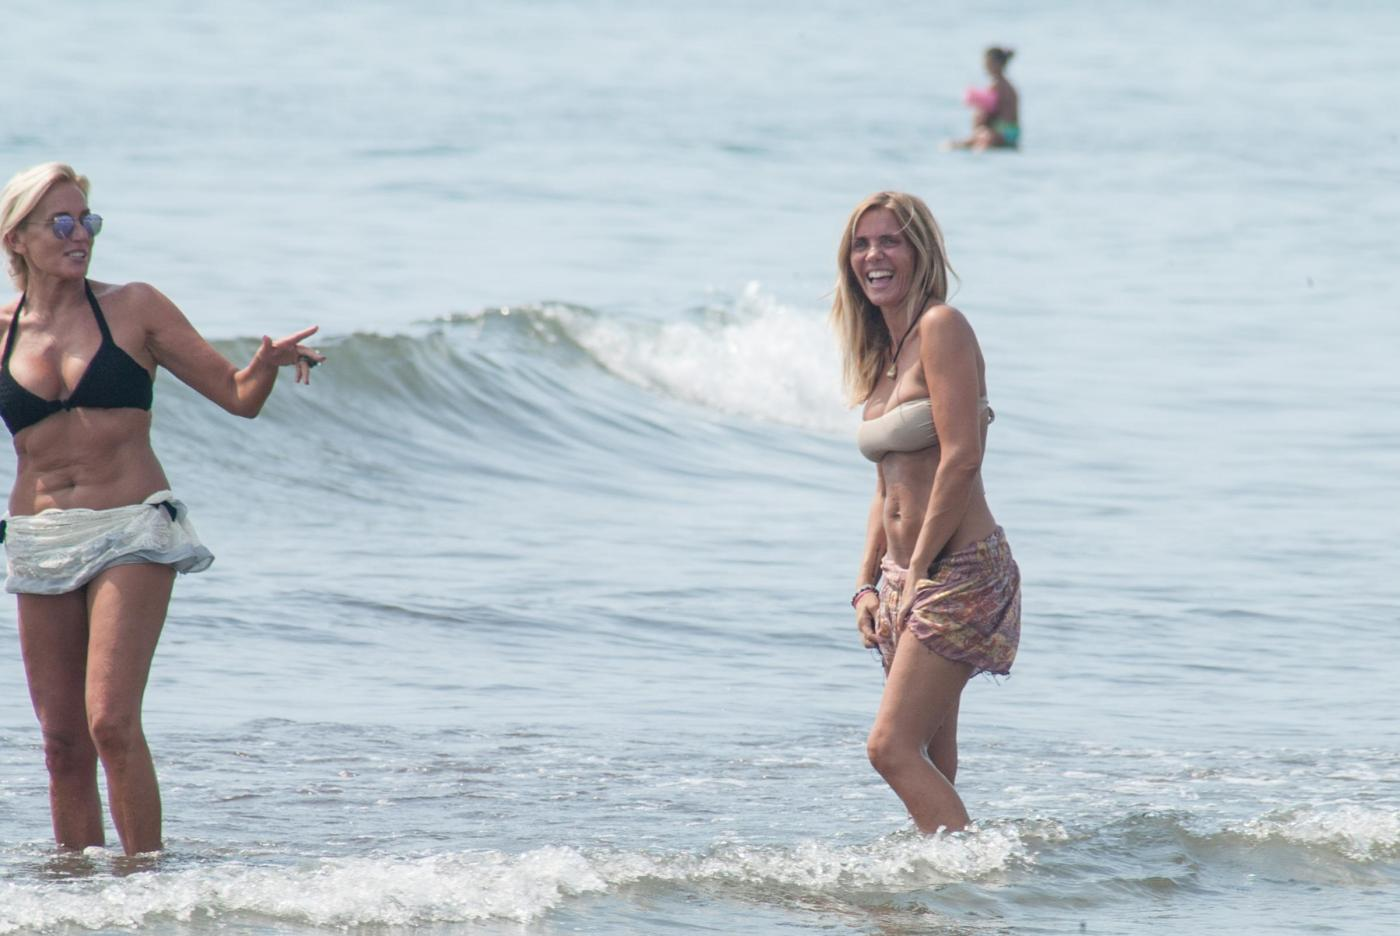 Deborah Roversi, l'ex di Pirlo sfoggia gran forma fisica9